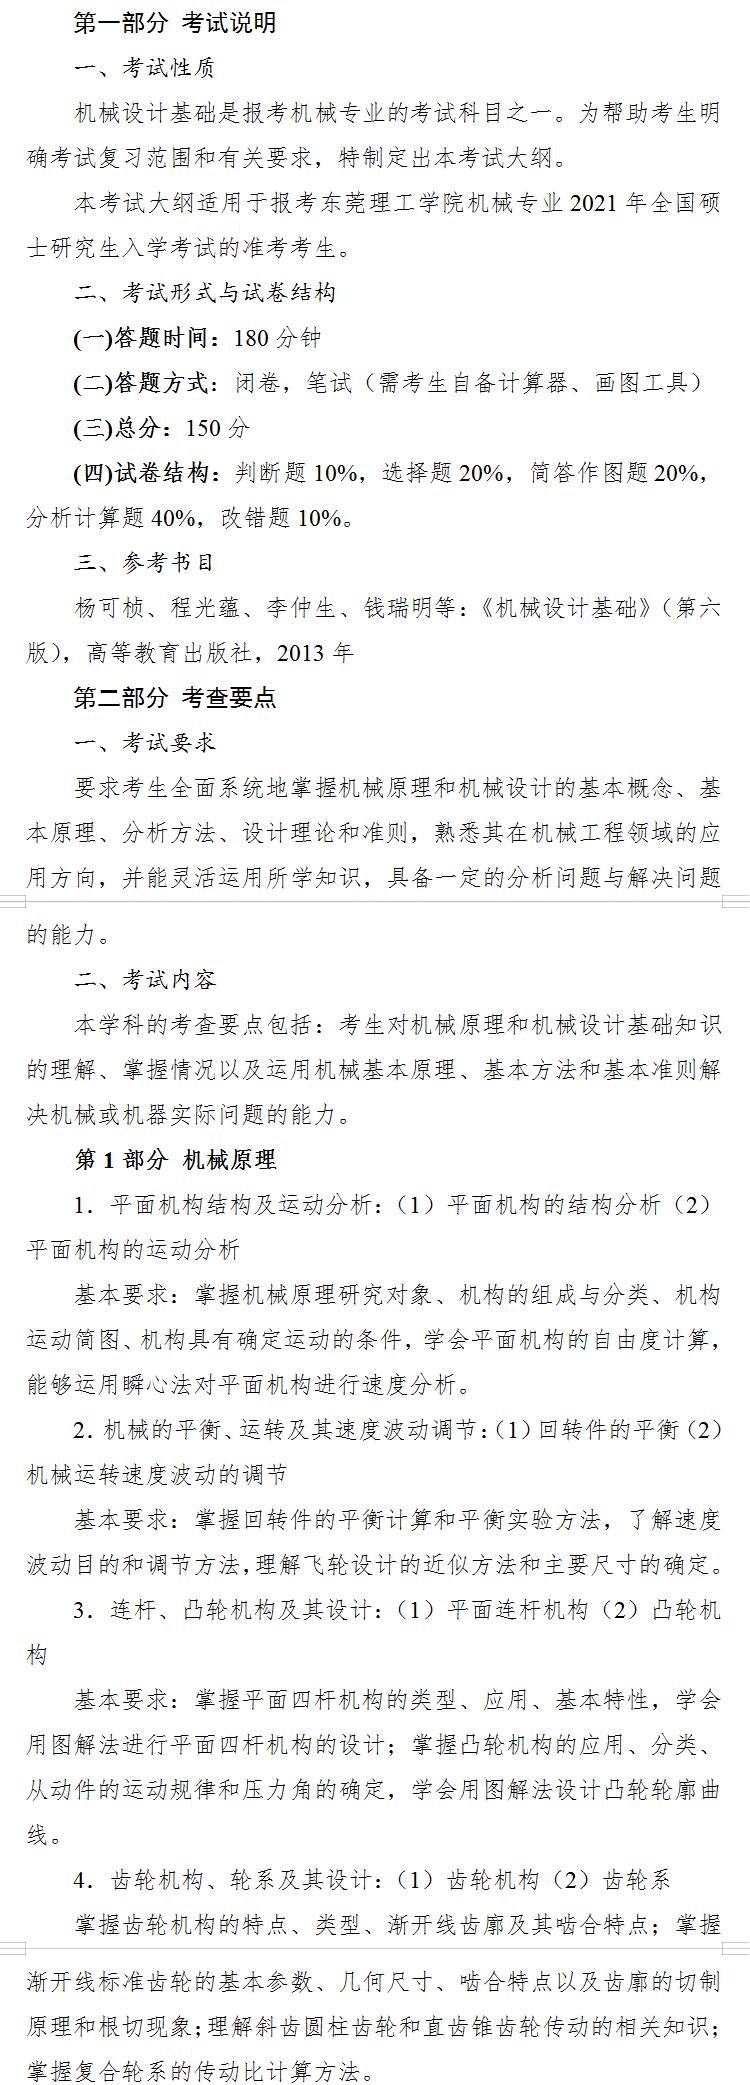 东莞理工学院机械工程学院2021考研初试专业课大纲